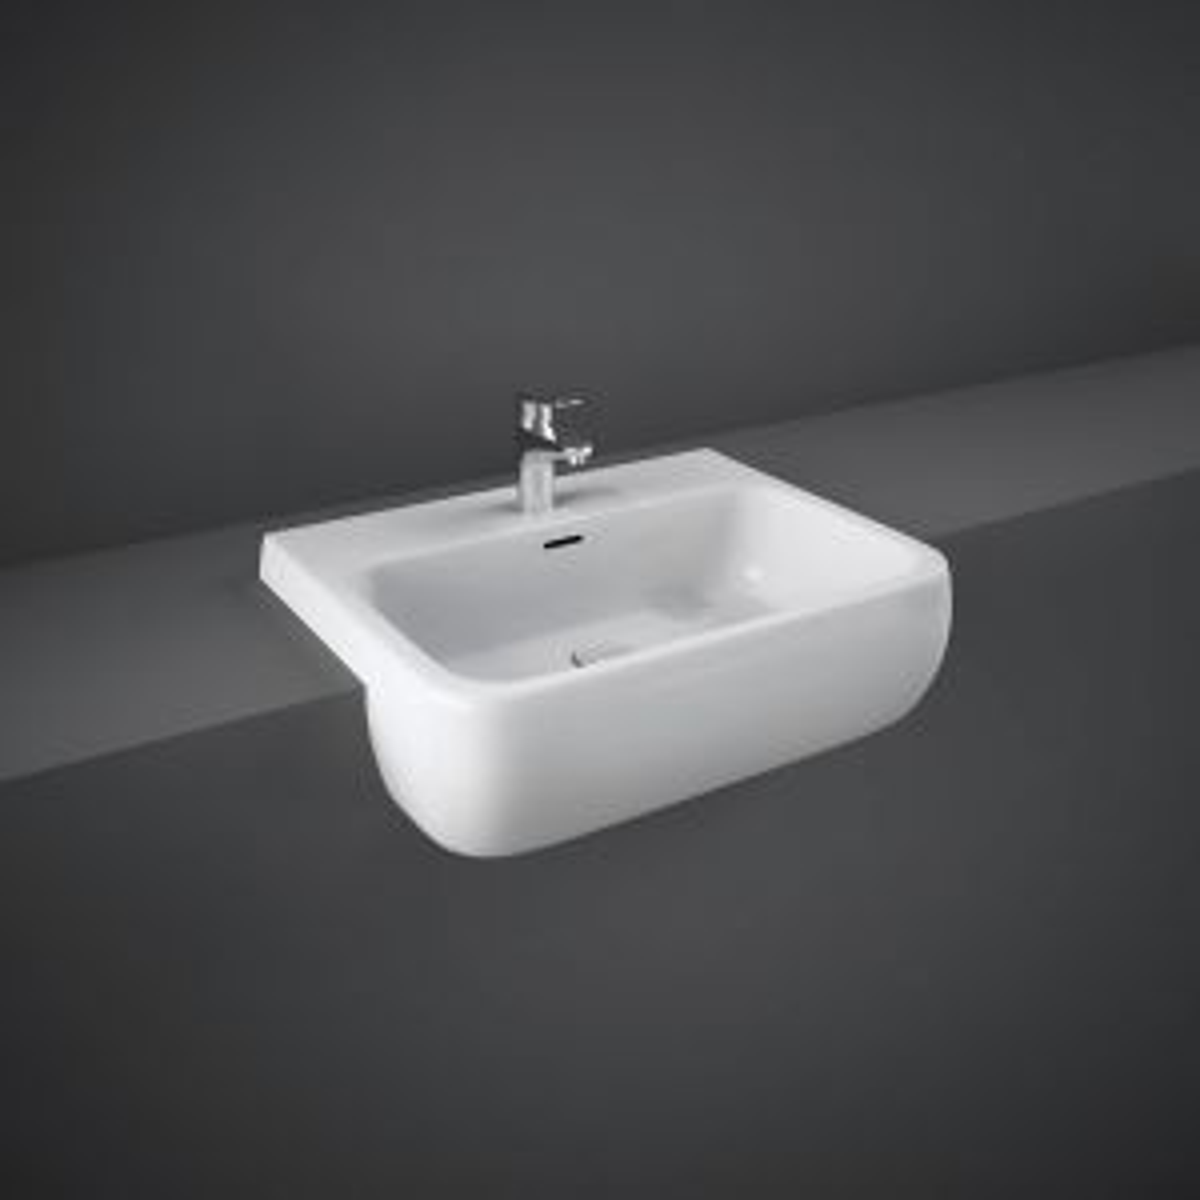 RAK Metropolitan Semi Recessed Basin 520mm